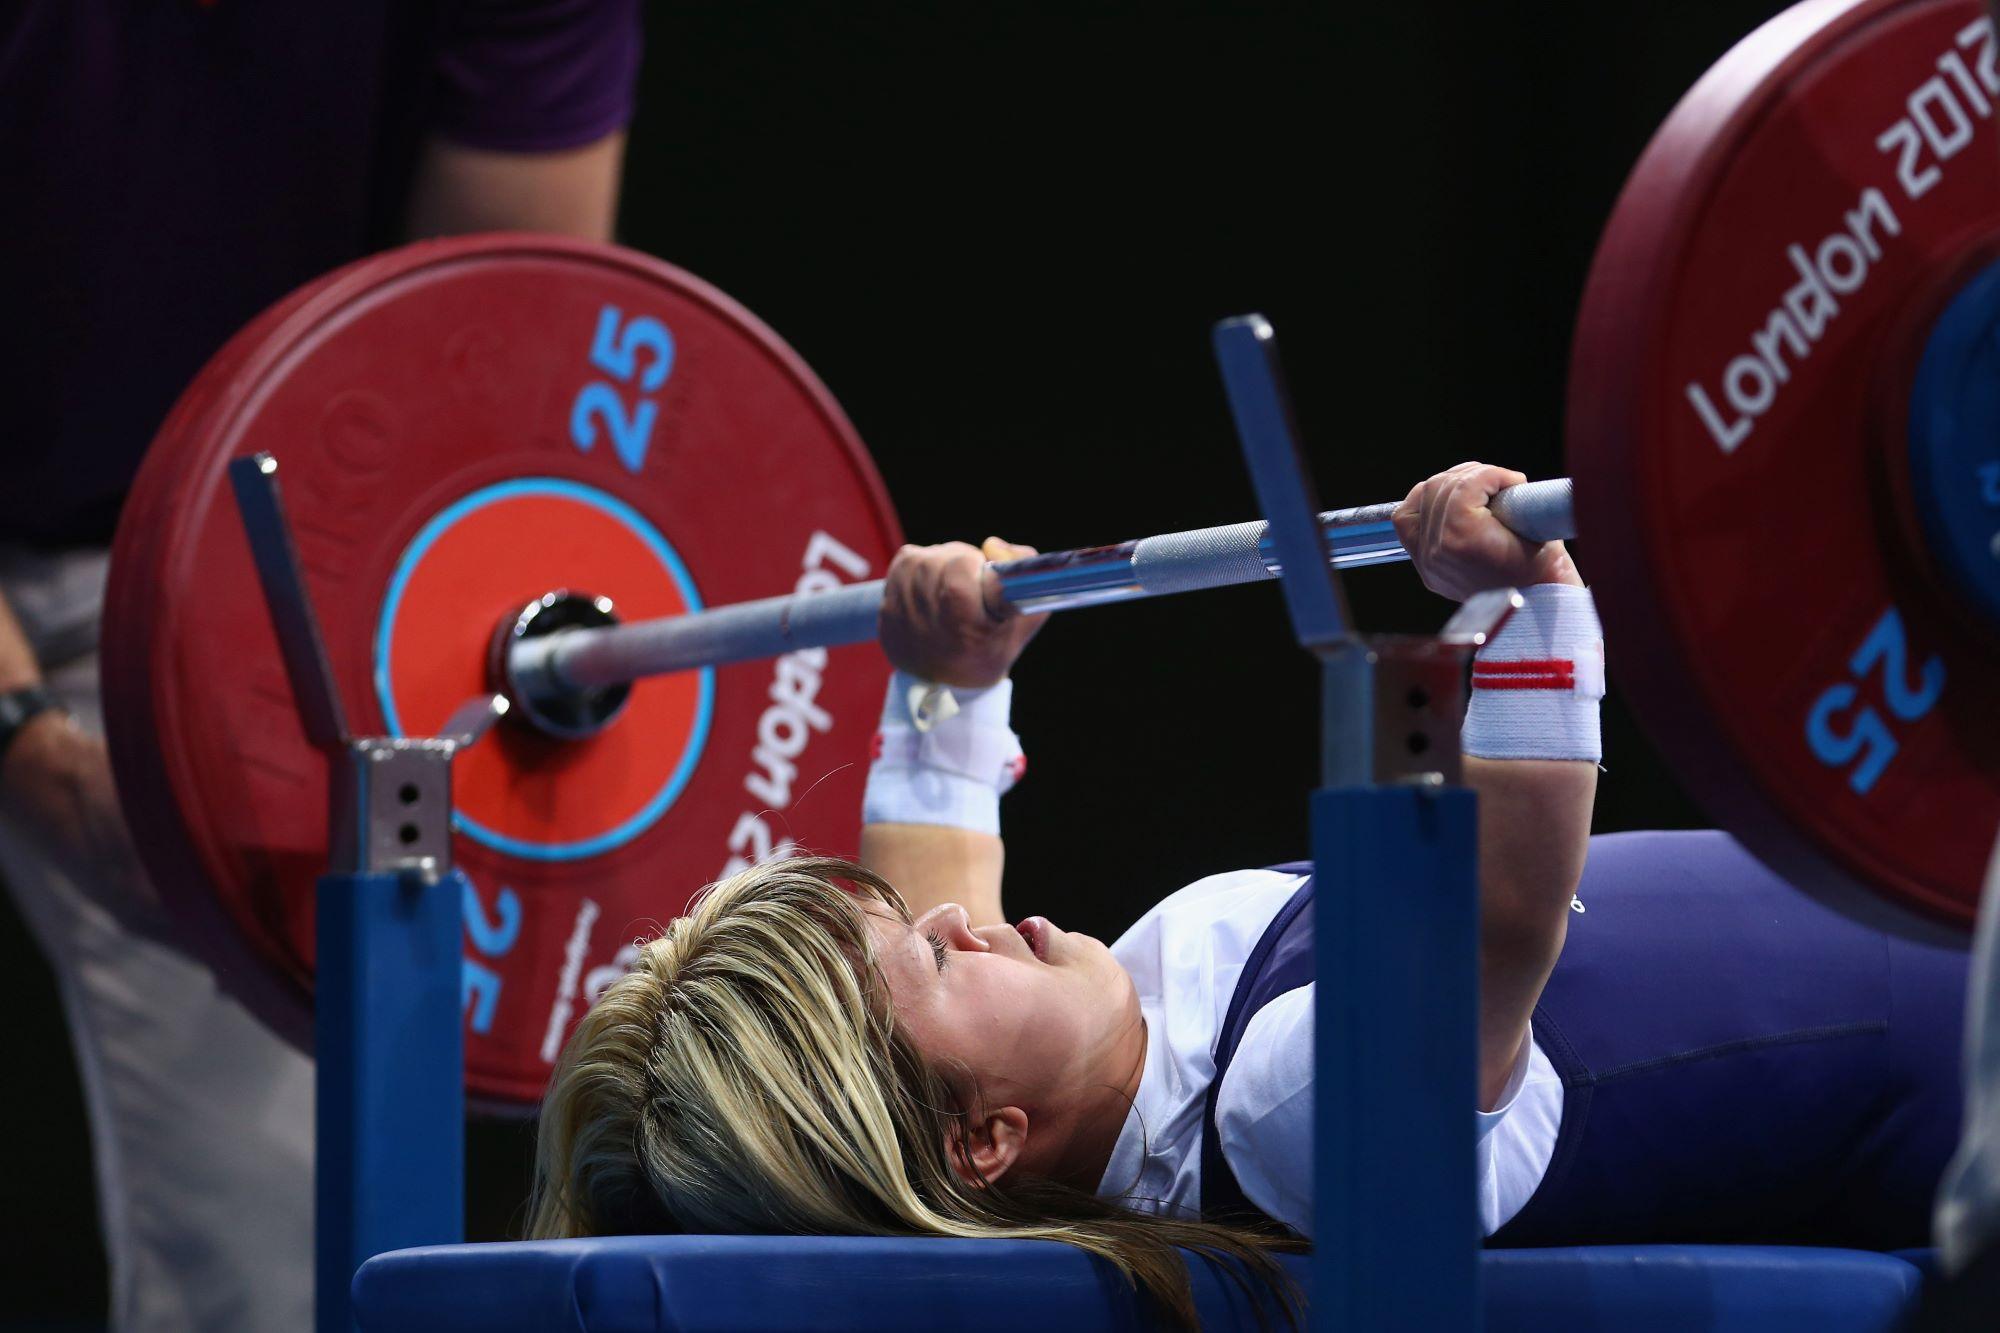 Une athlète s'apprète à soulever une barre de poids